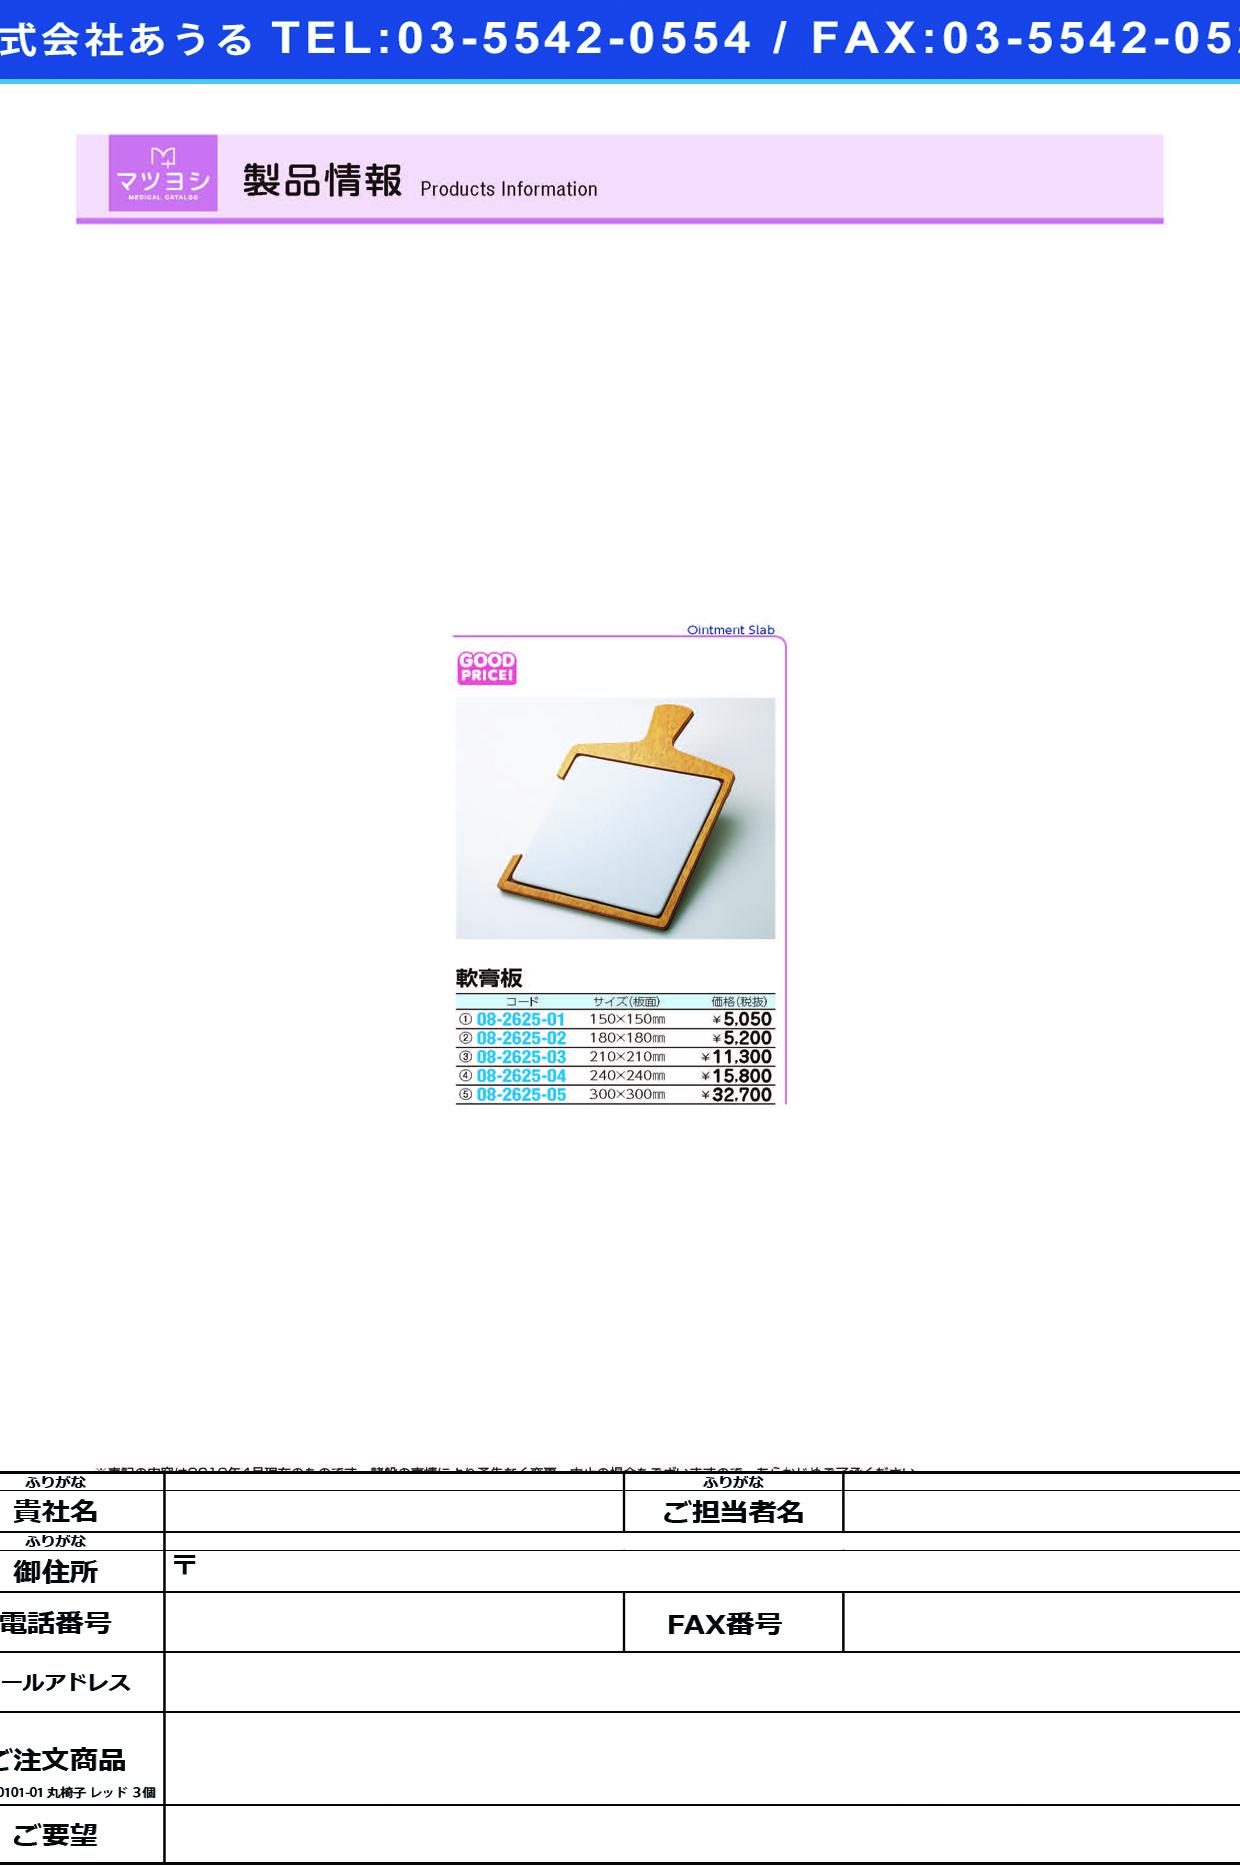 (08-2625-01)軟膏板(木柄)15cm 15X15CM ナンコウバン(モクエ)15CM【1枚単位】【2019年カタログ商品】